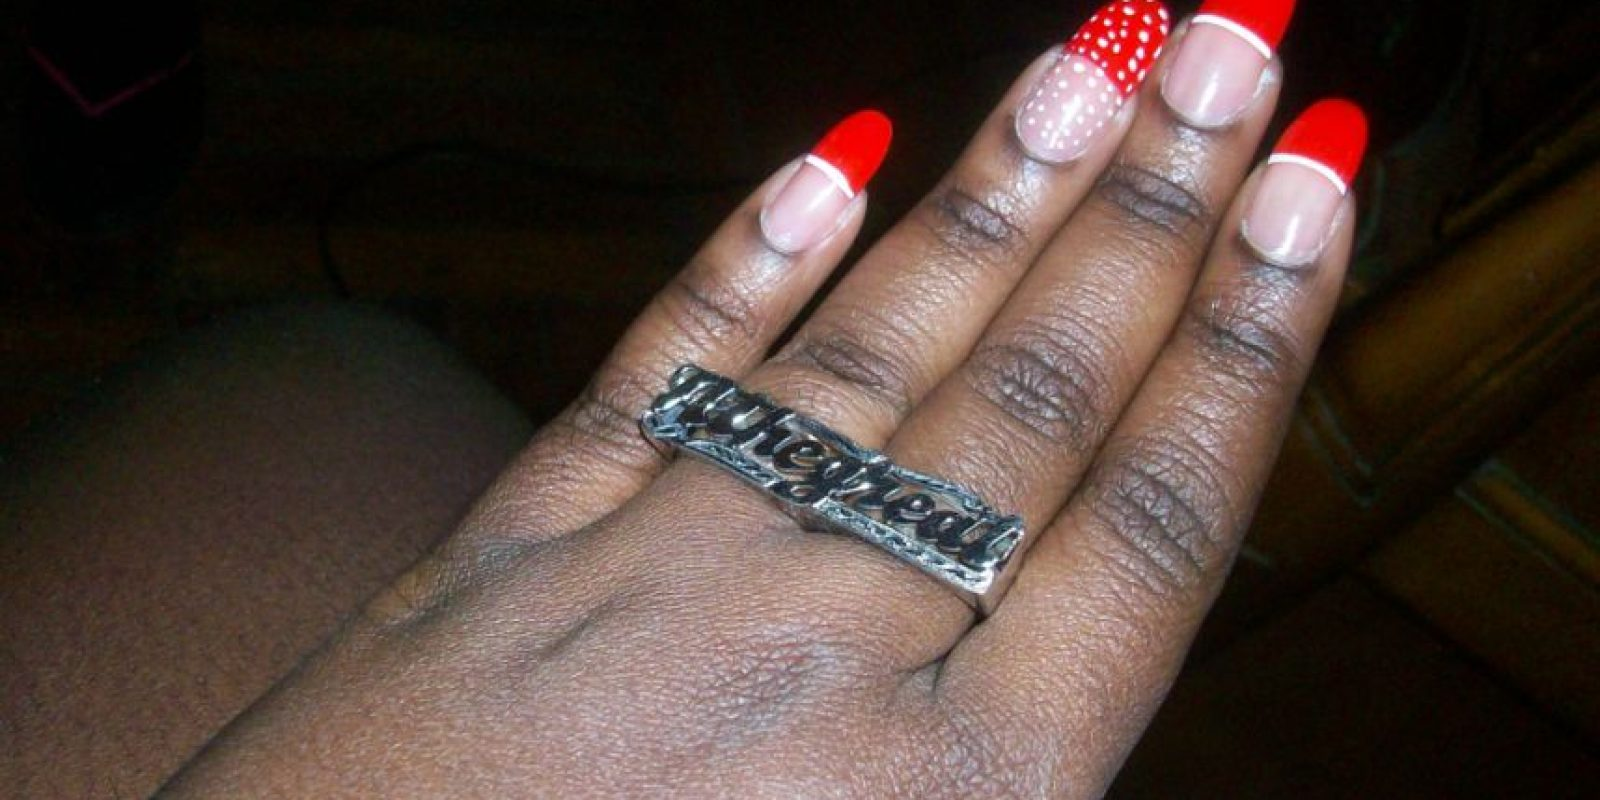 Piensen en lo que harán con estas enormes uñas. Foto:Pinterest